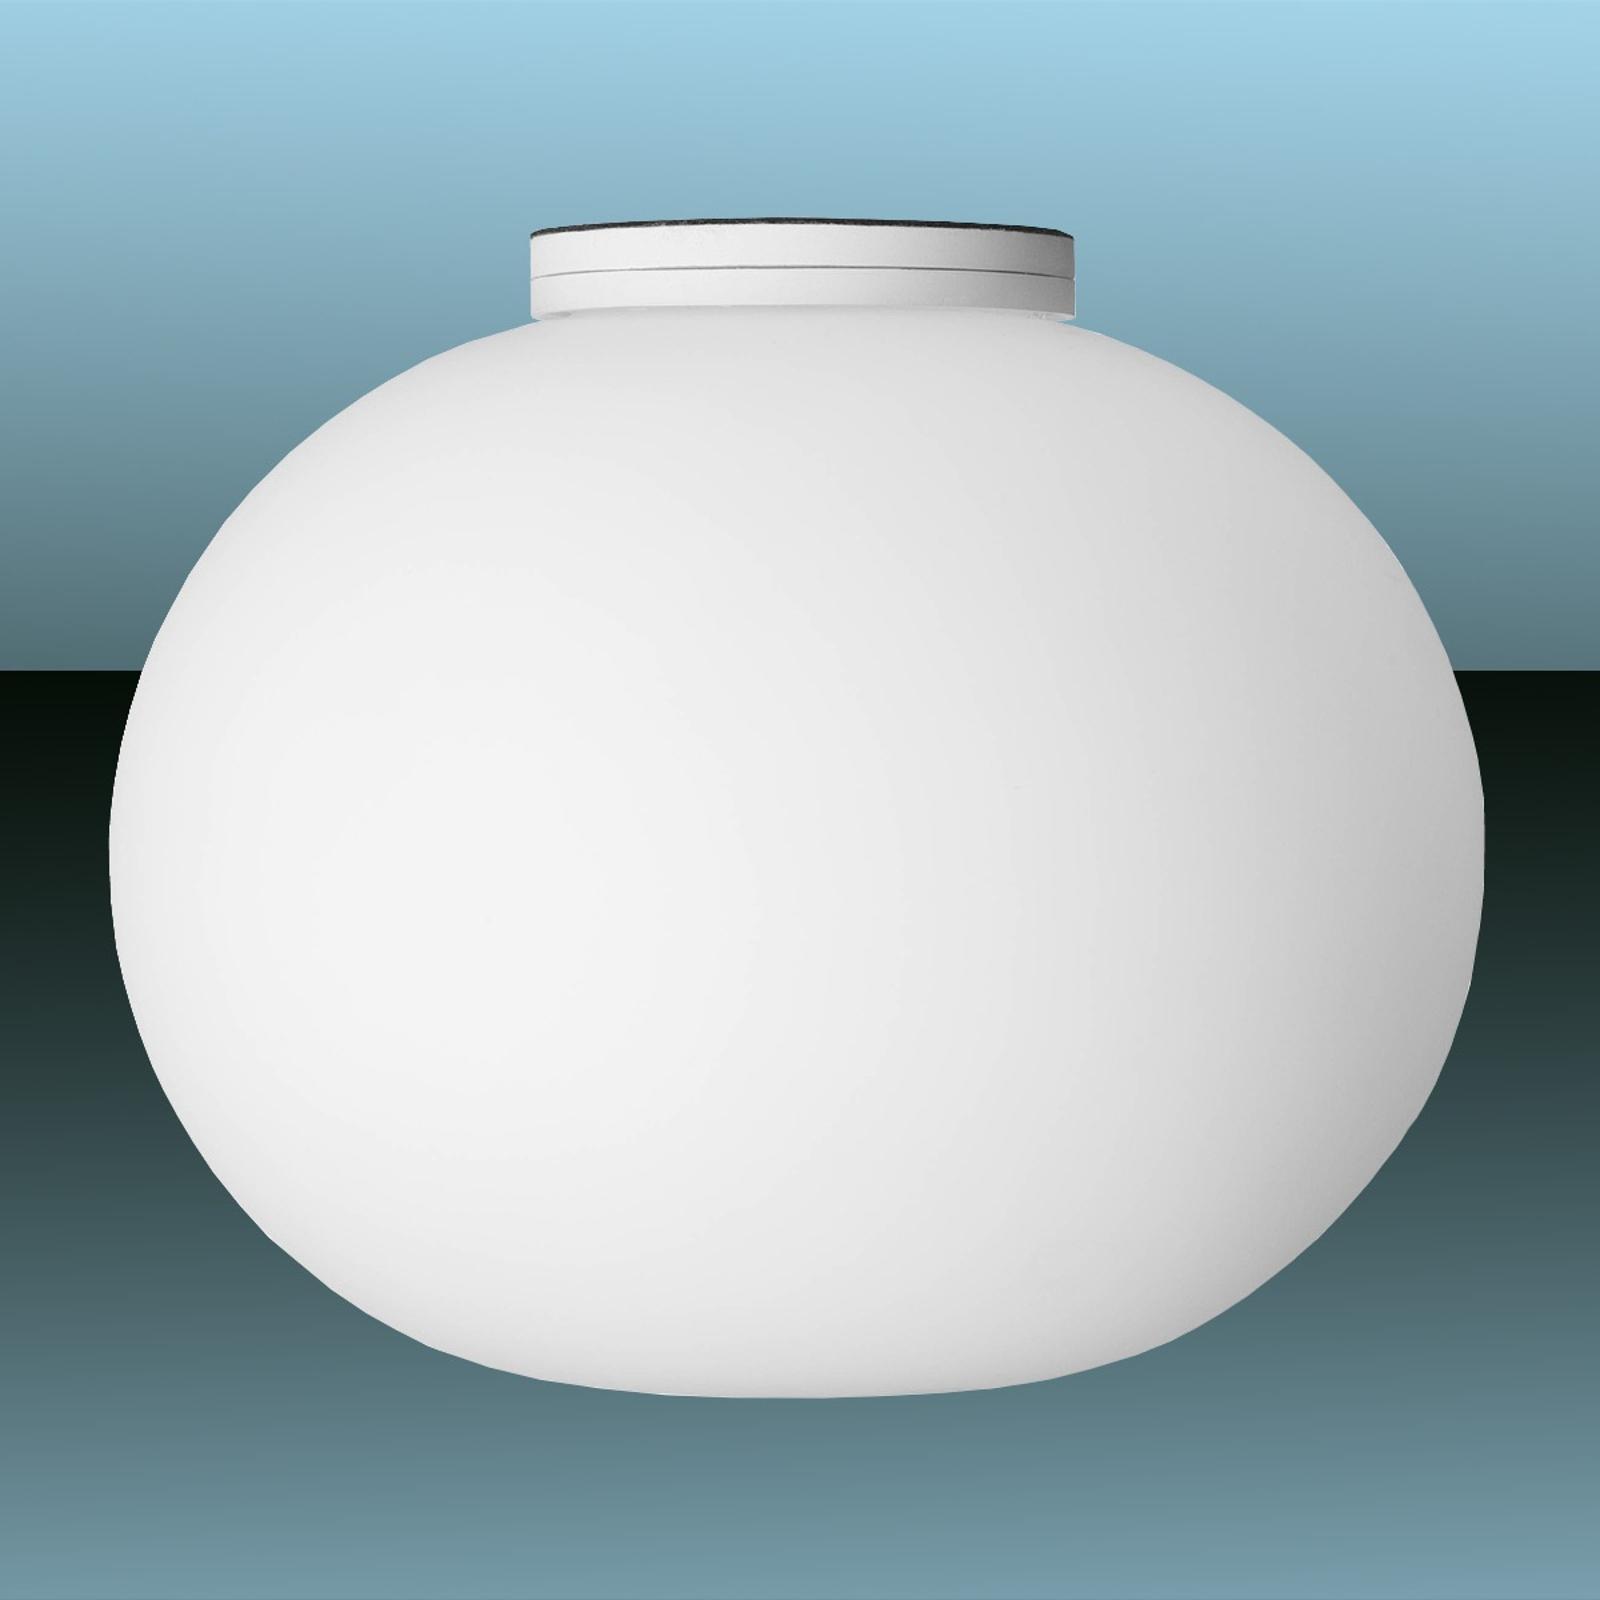 FLOS Glo-Ball C / W Zero stropní světlo